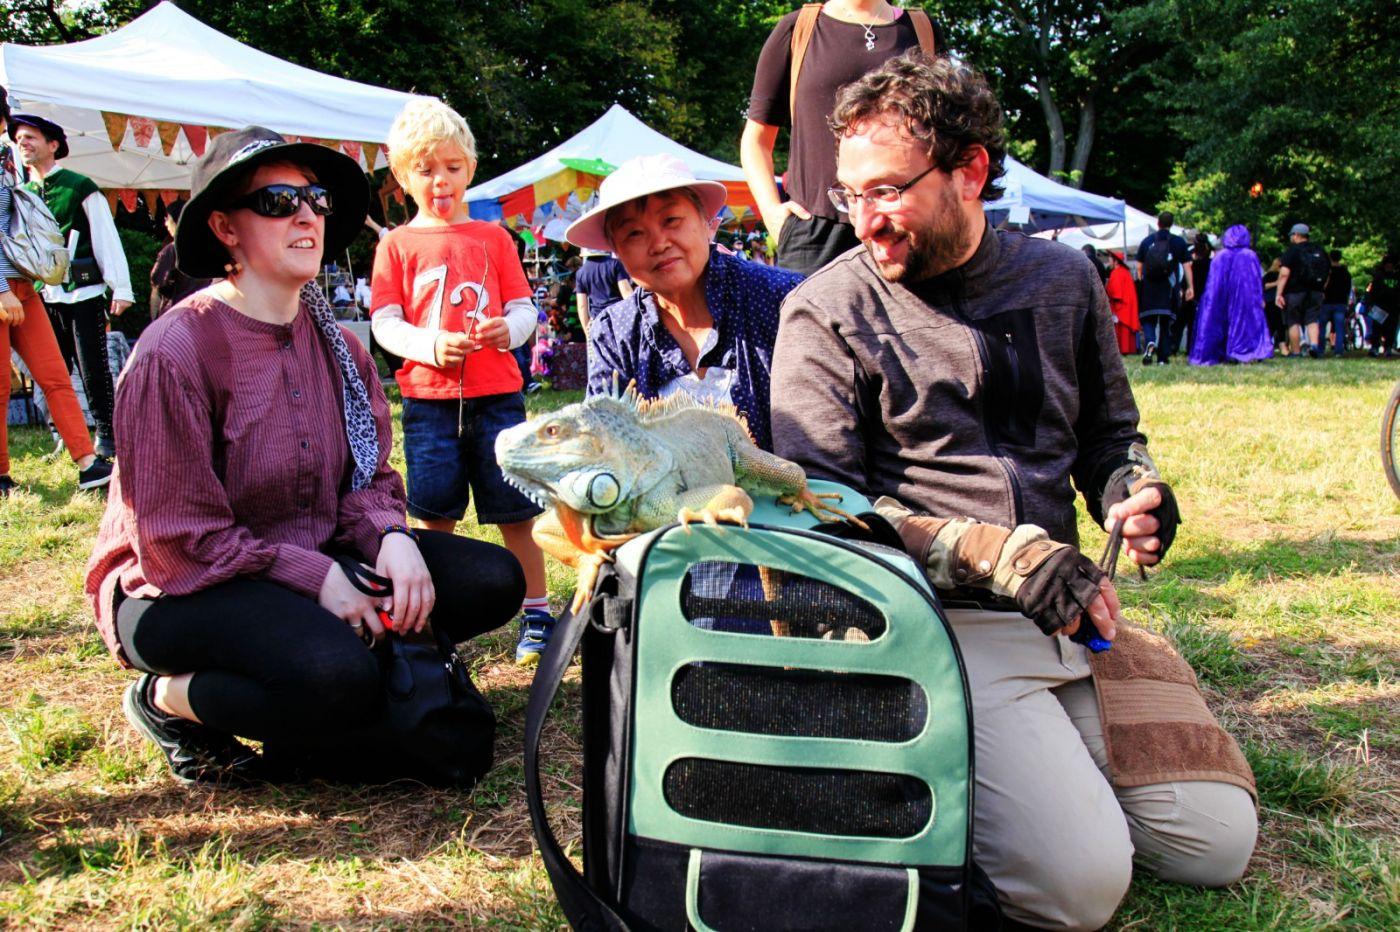 一年一度的崔恩堡公园中世纪节热闹非凡_图1-12